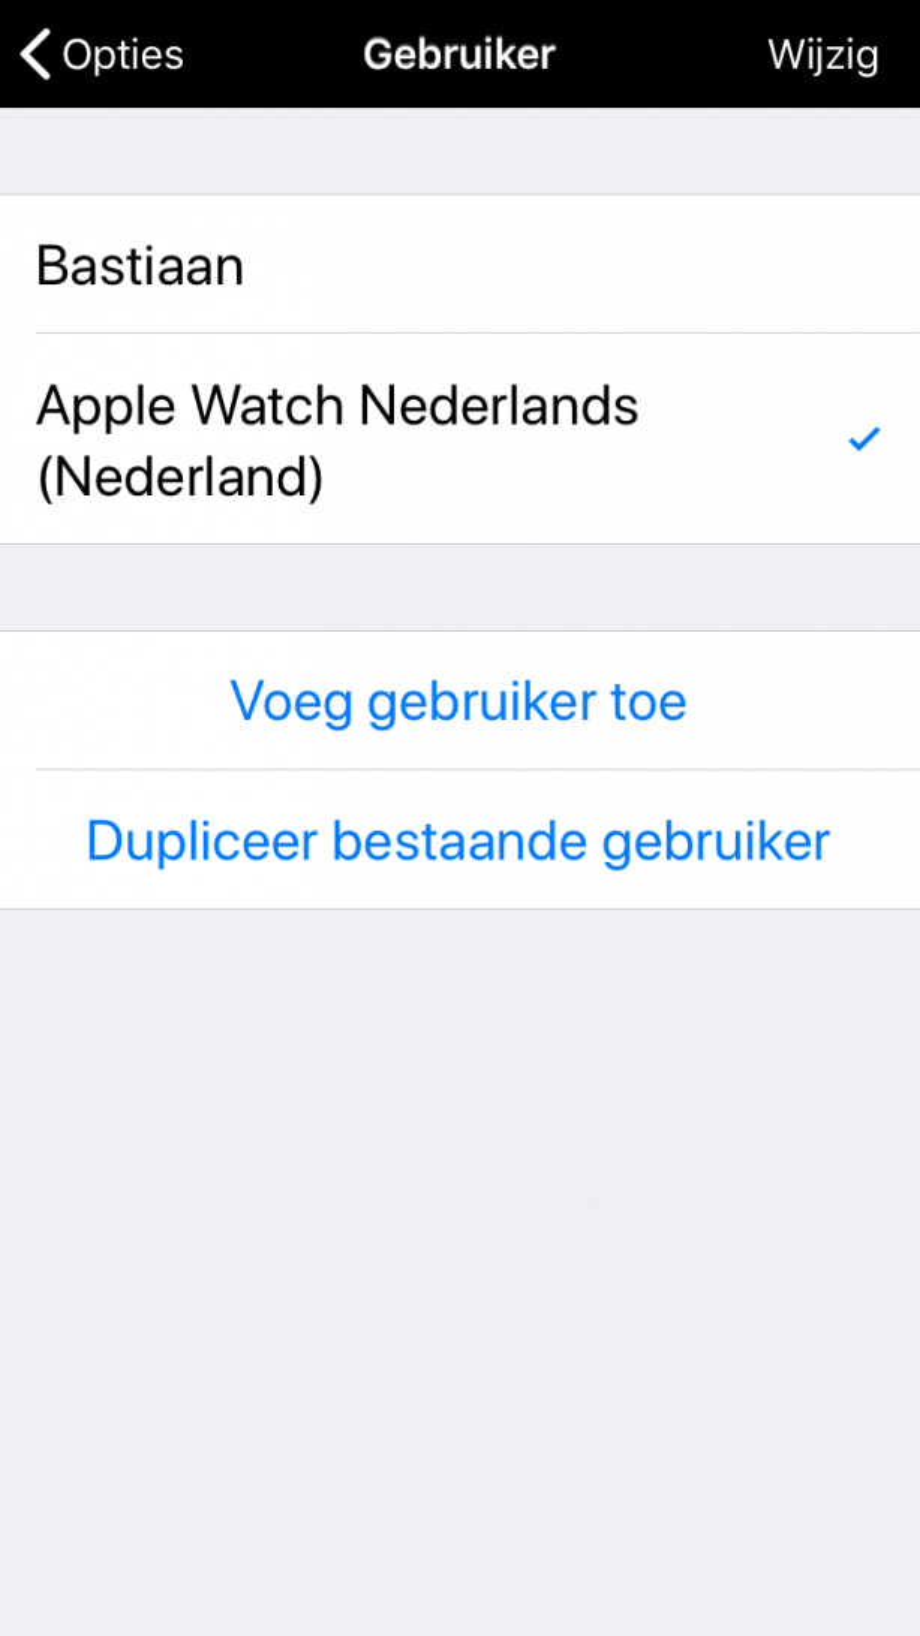 Binnen het onderdeel gebruikers verschijnt Apple Watch automatisch.